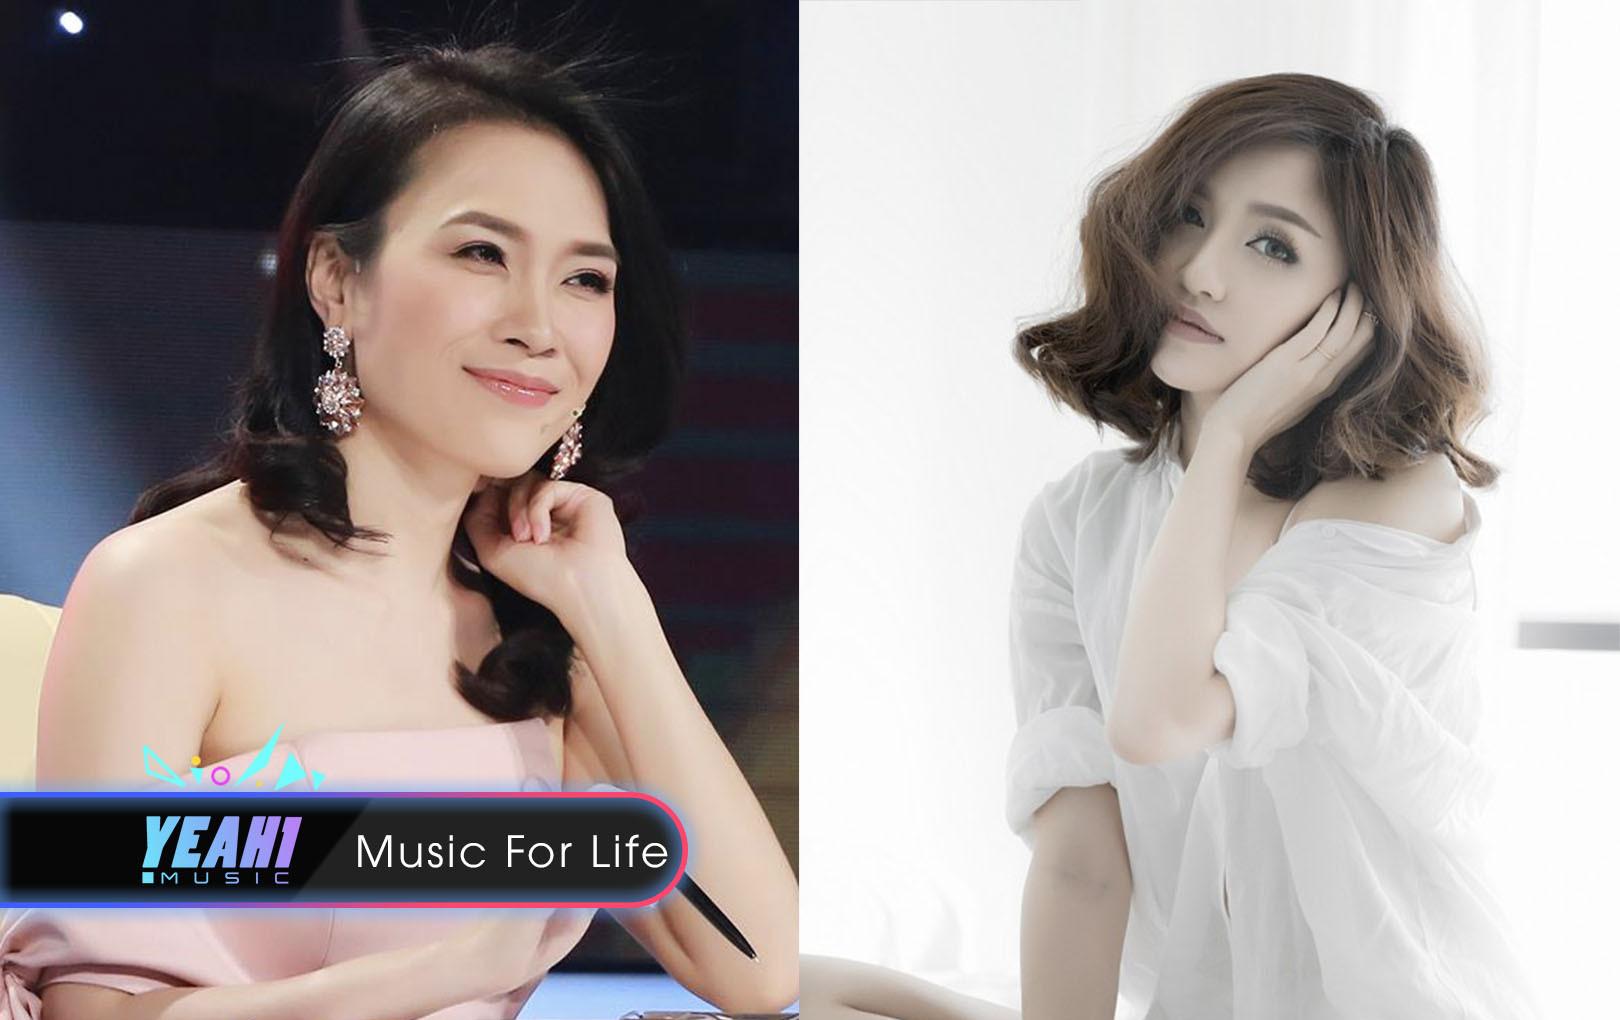 Tìm mỏi mắt cũng không thấy nổi một antifan của hai mỹ nhân showbiz Việt này